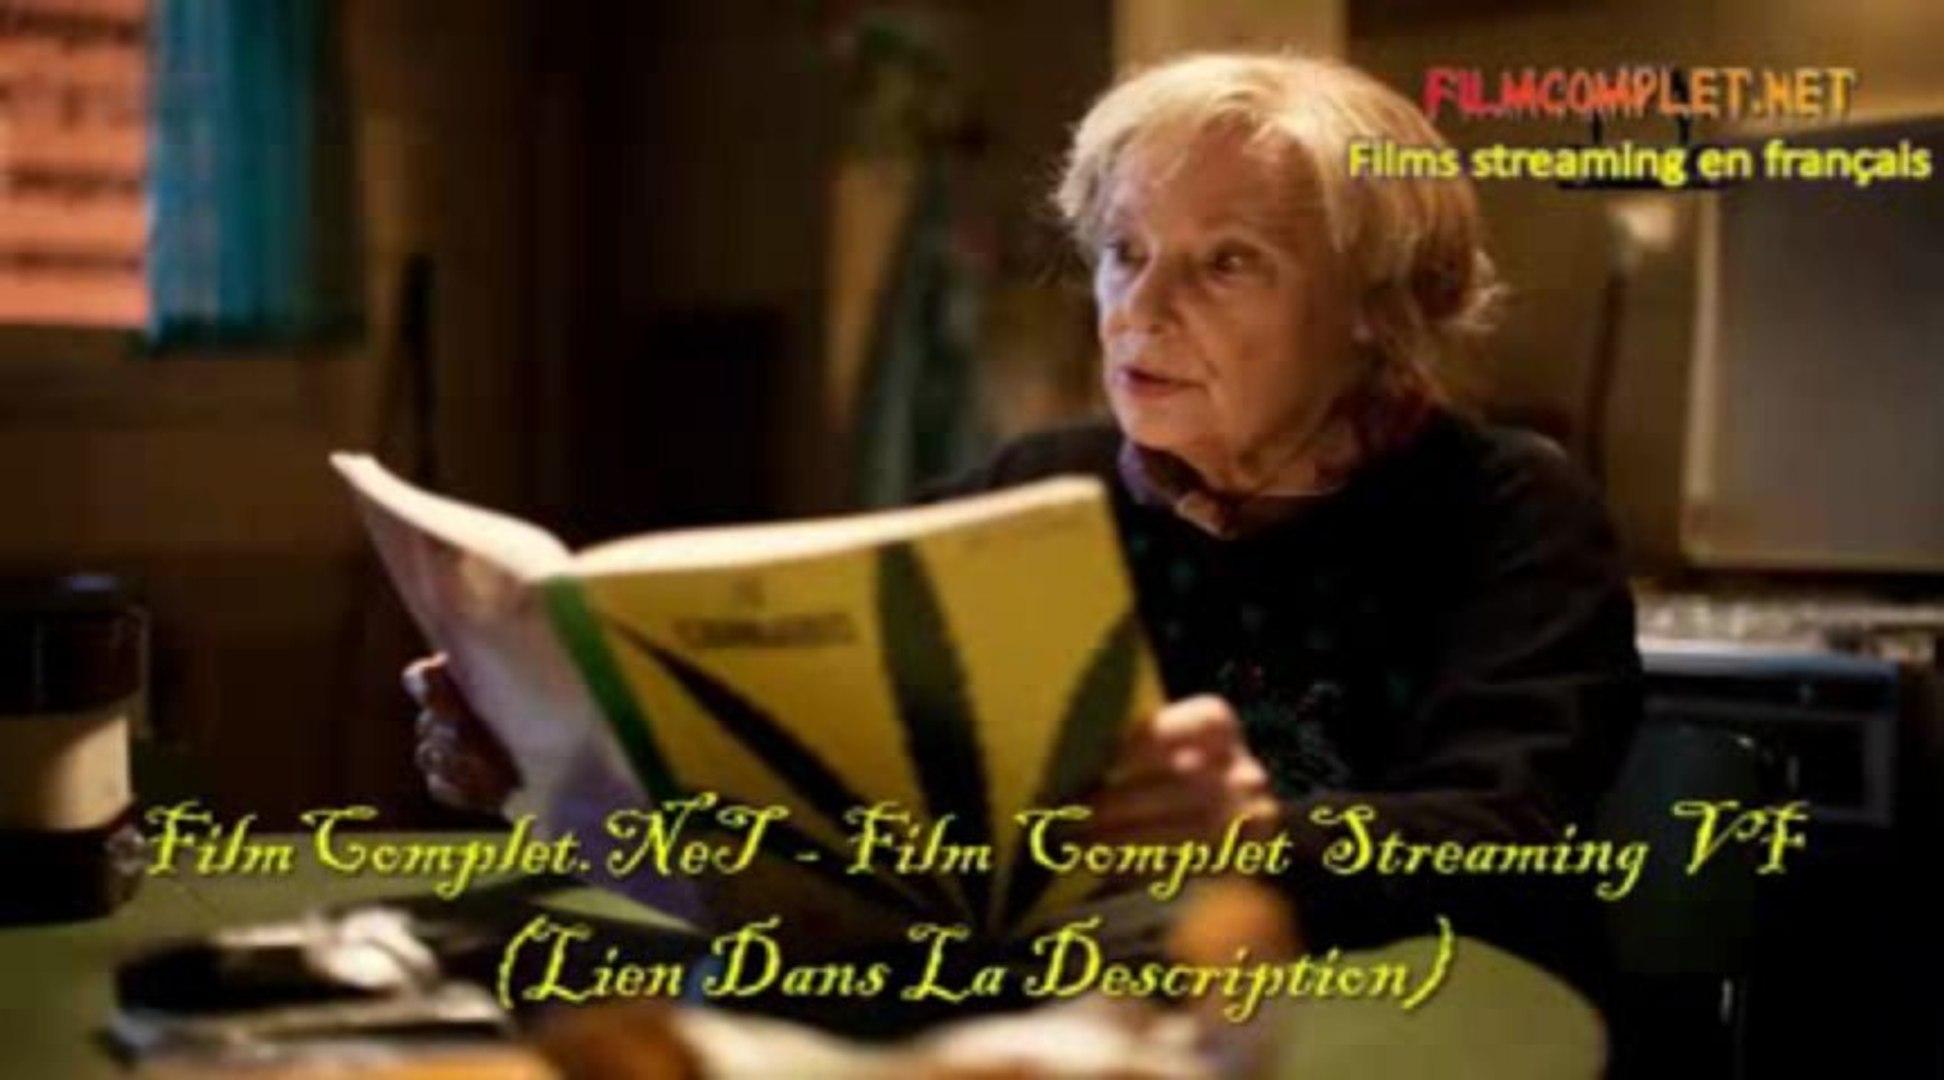 DVDRIP TÉLÉCHARGER PAULETTE LE FILM